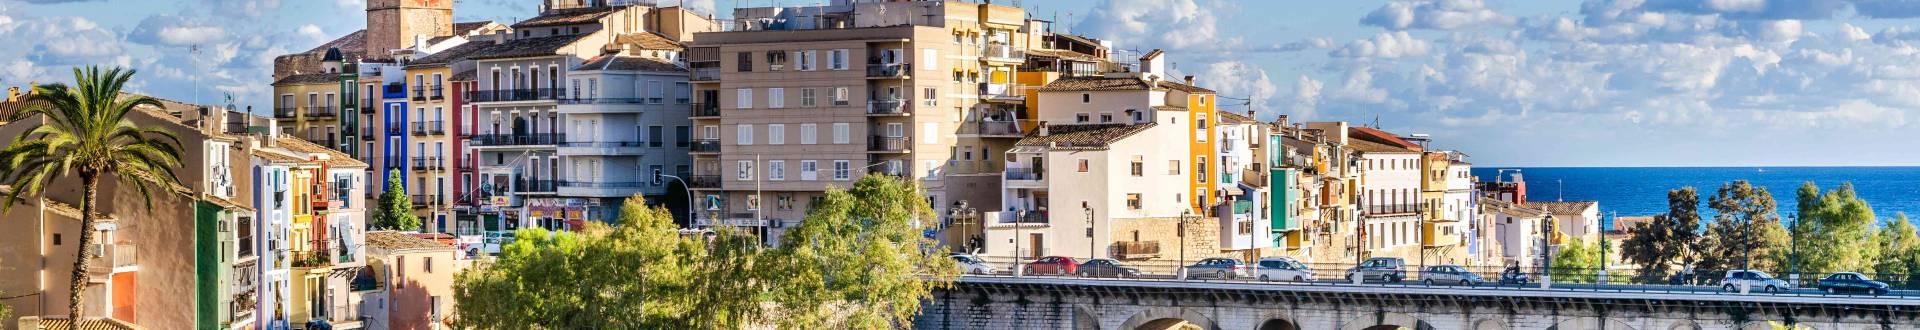 PACO LLORET-FOTÓGRAFO   Benidorm Spain   360 3D VR tours